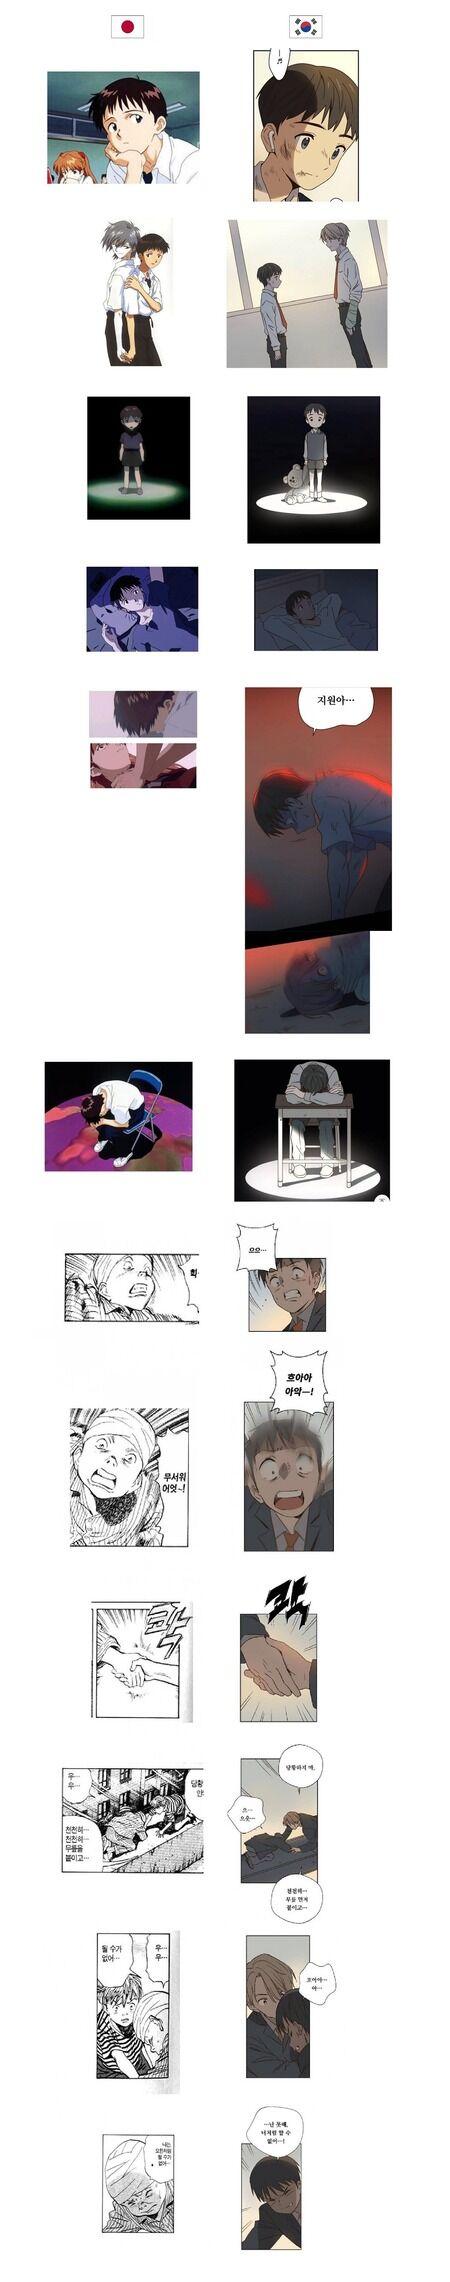 【朗報】エヴァをパクった韓国漫画、無事連載中止になるwwww